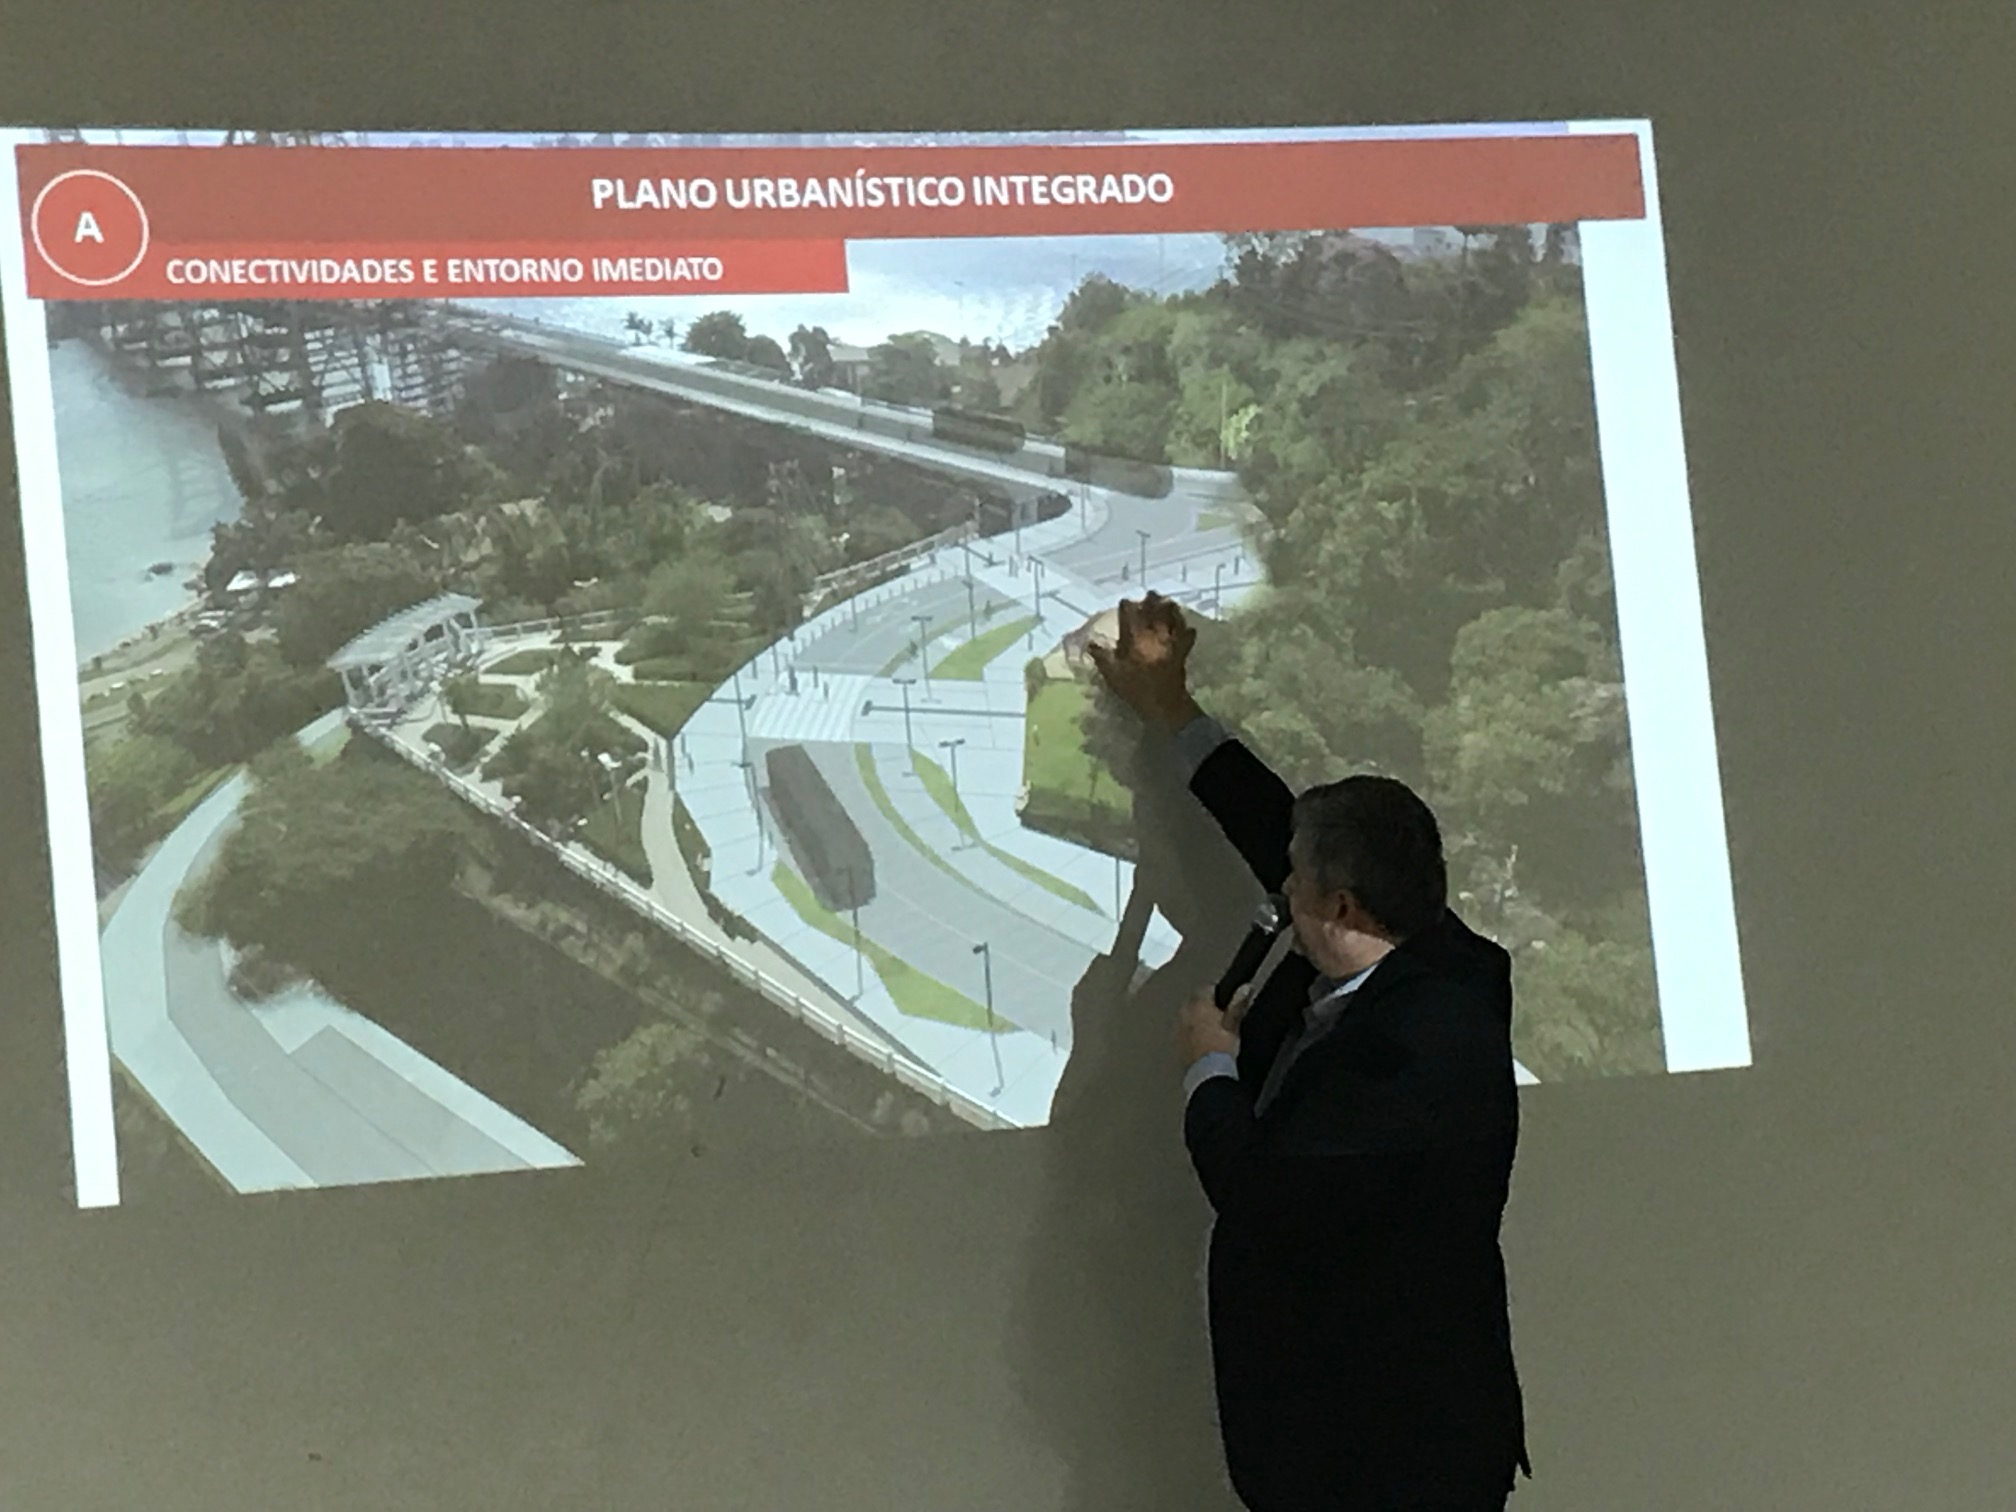 Obras do entorno da Ponte Hercílio Luz mobilizam lideranças de Florianópolis